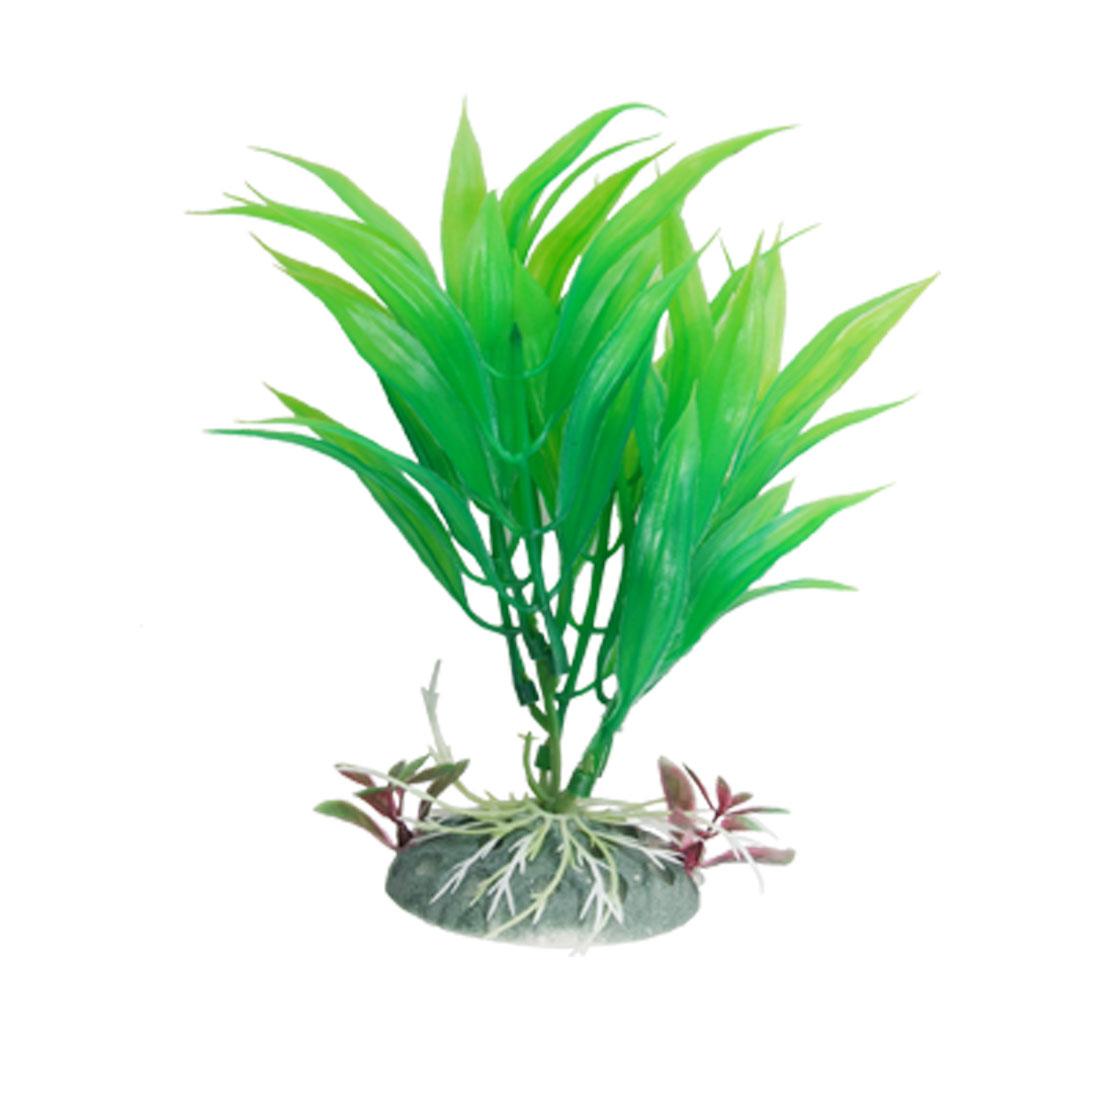 Plastic Green Grass Fish Tank Artificial Ornament for Aquarium